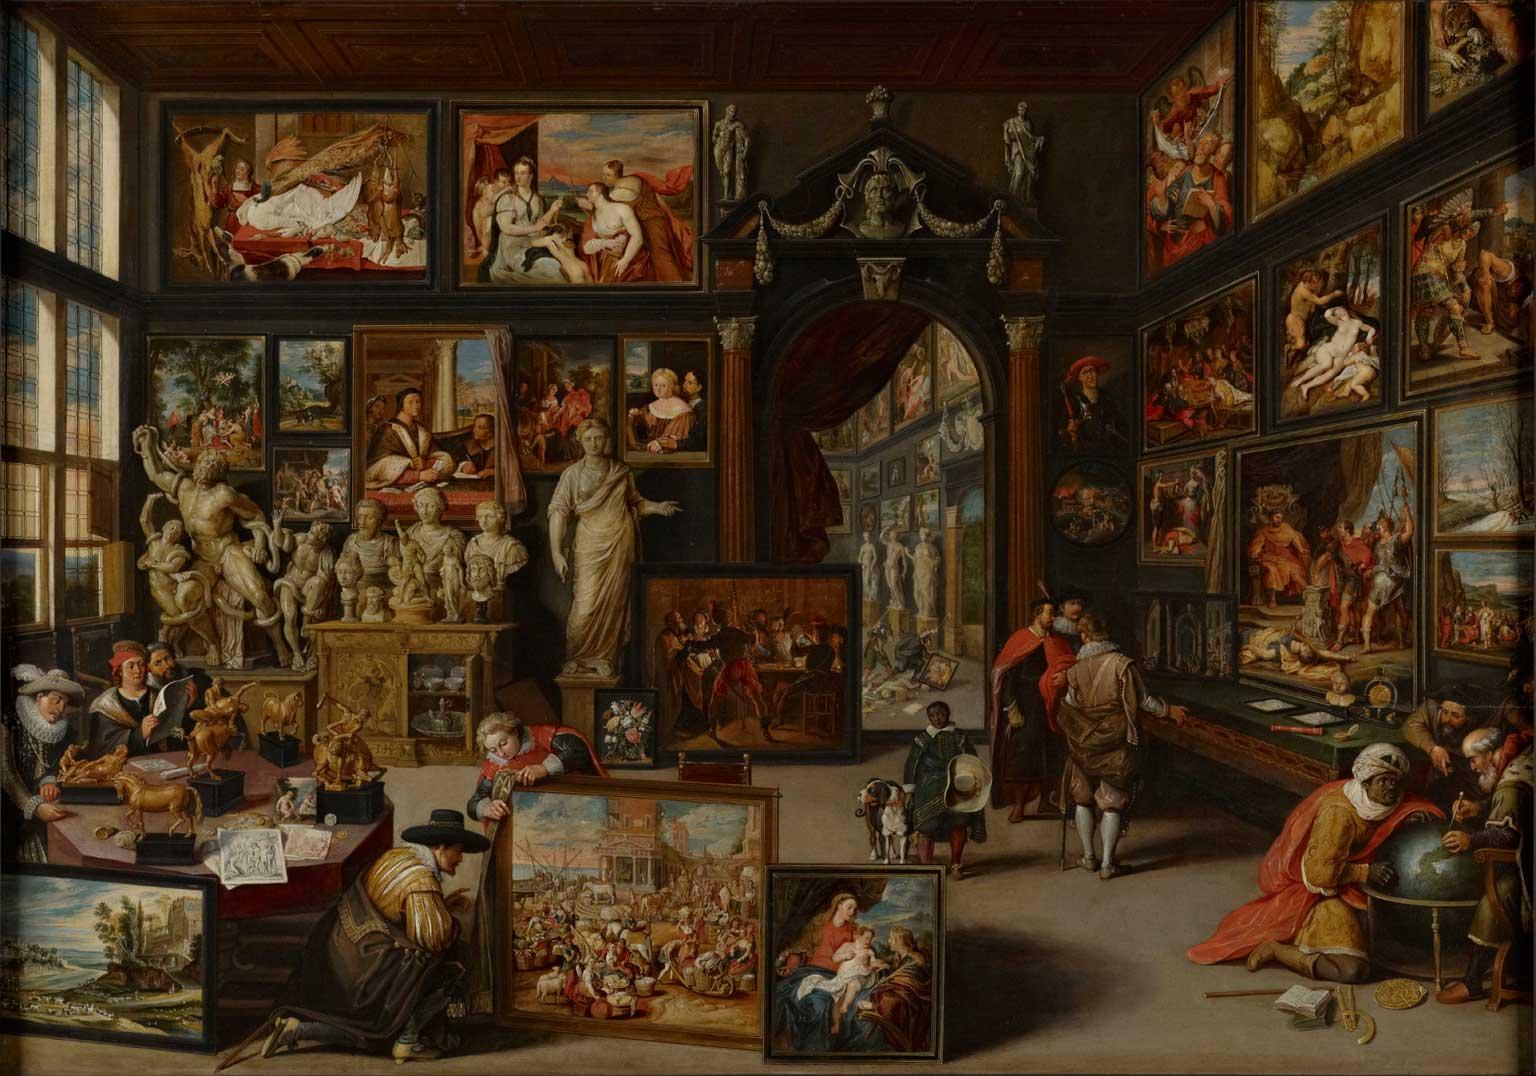 Willem van Haecht: Gabinete de Arte com o Casamento Místico de Sta. Catarina de Anthony van Dyck. 1630.